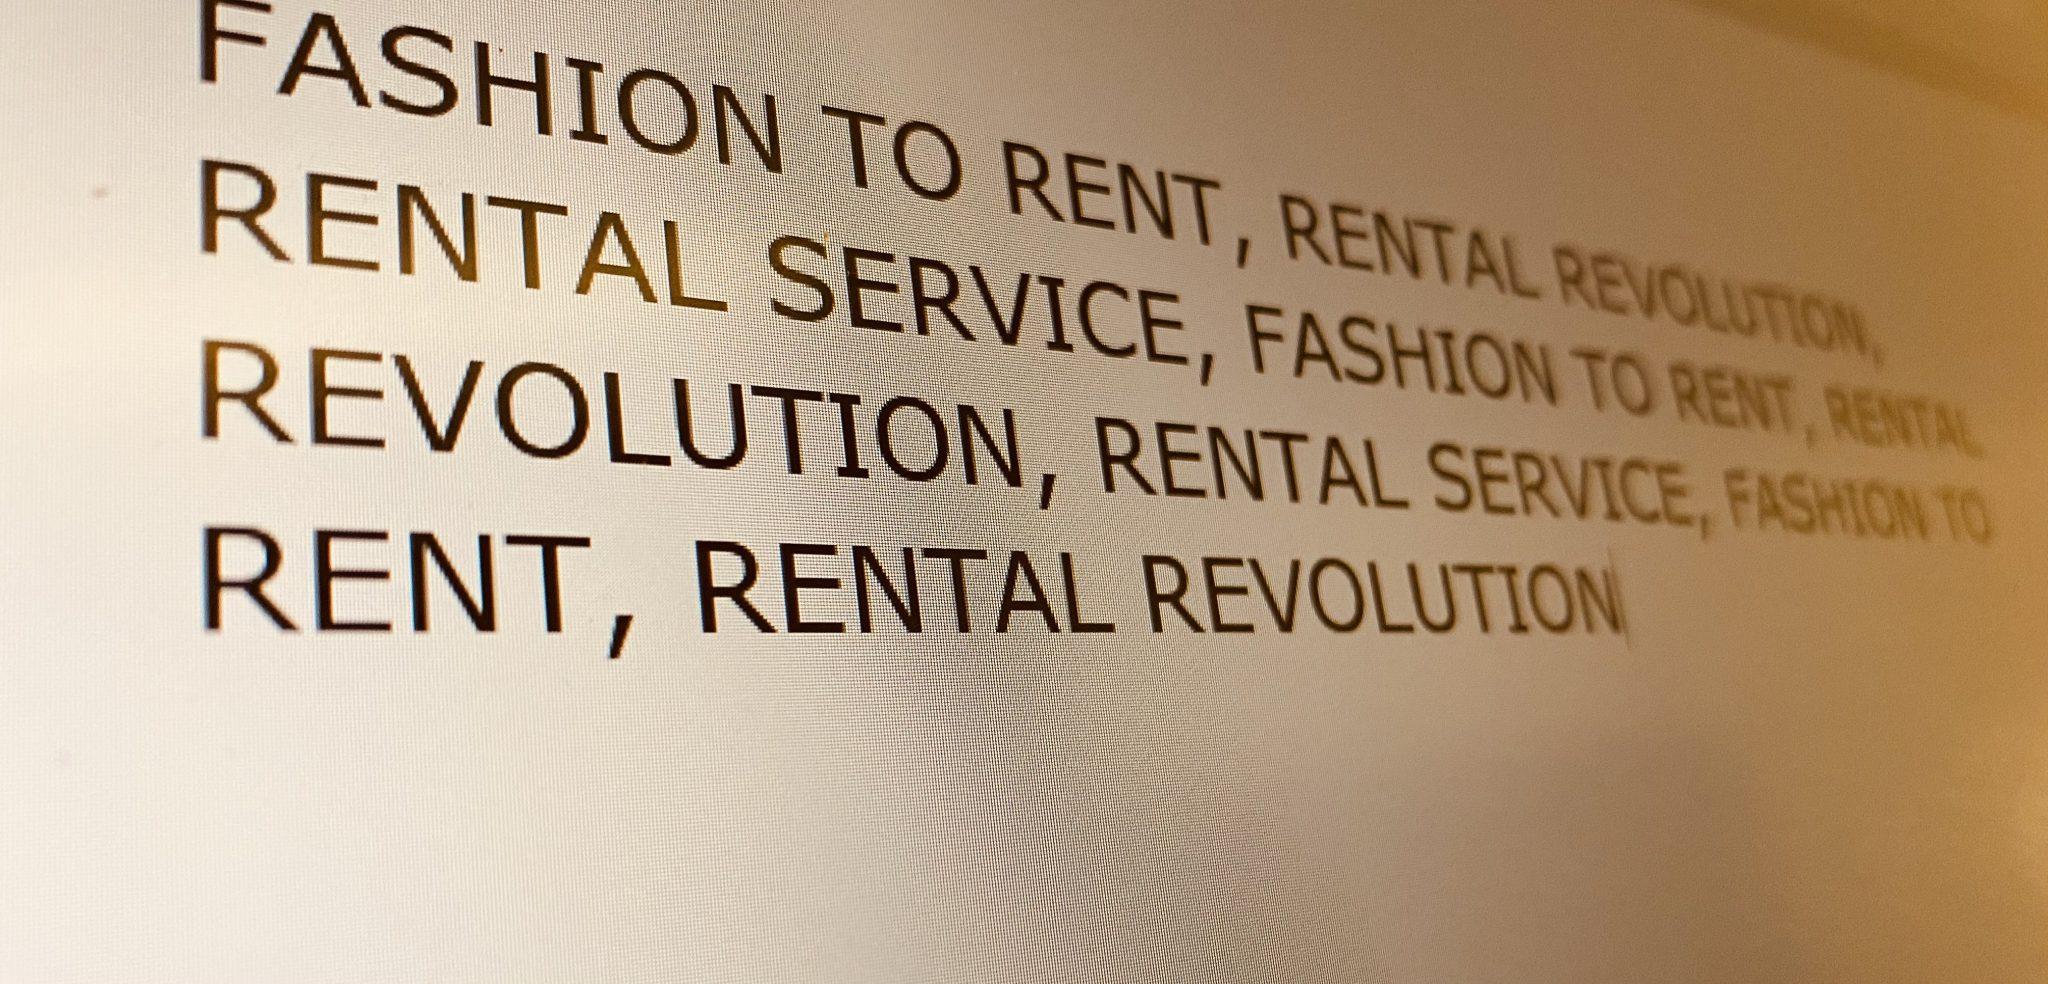 Retail rental